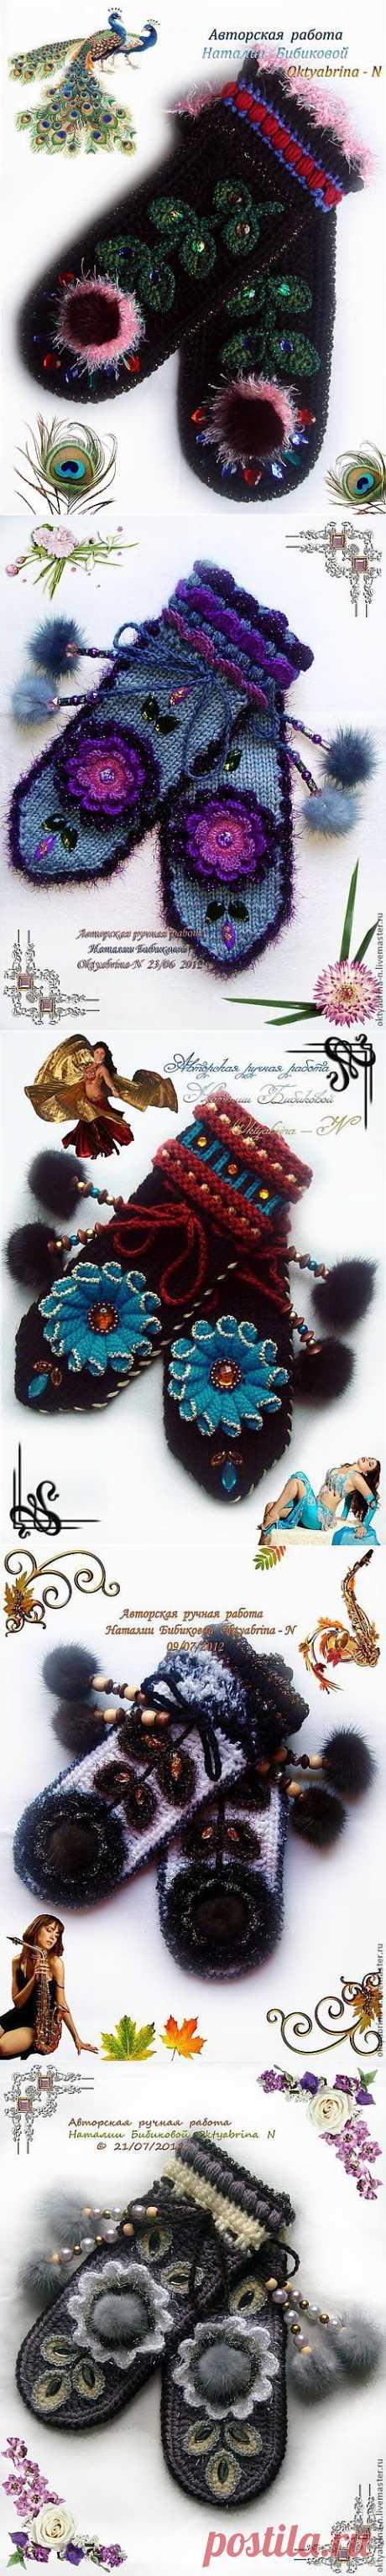 Варежки, перчатки, митенки - идеи от замечательных мастериц! Все идеи взяты со страниц сайта https://www.livemaster.ru/ - Ярмарка Мастеров, там же можно и приобрести эти прекрасные изделия замечательных мастериц!